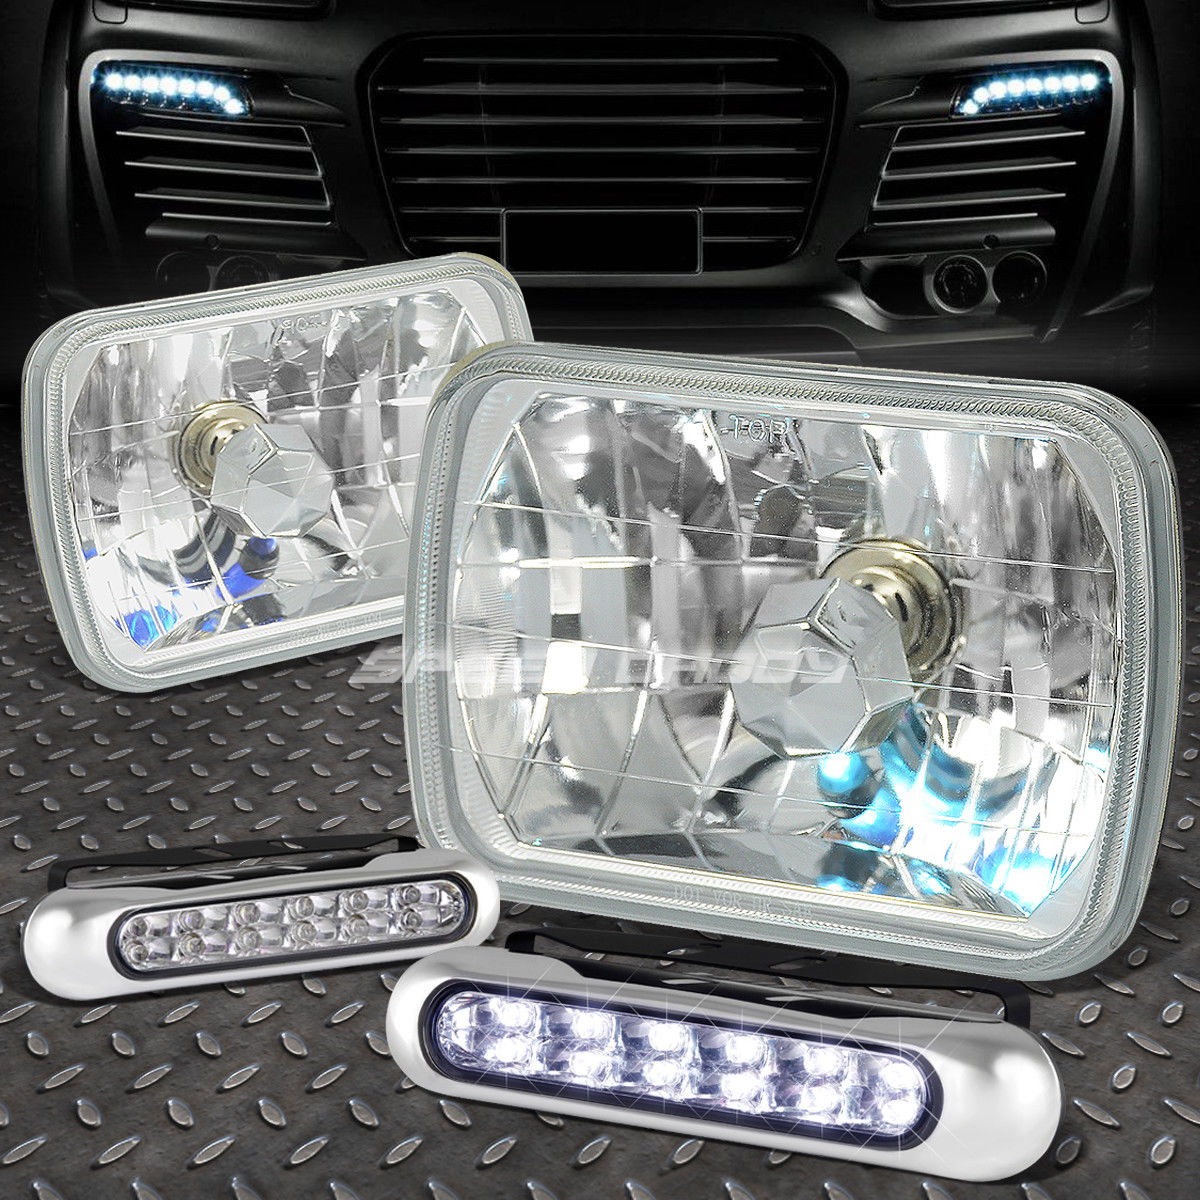 フォグライト 7x6 H6014 SQUARE CHROME HOUSING HEADLIGHT+12 LED GRILL FOG LIGHT FOR HONDA 7x6 H6014スクエアクロームハウジングヘッドライト+ホンダ用12グリッドフォグライト